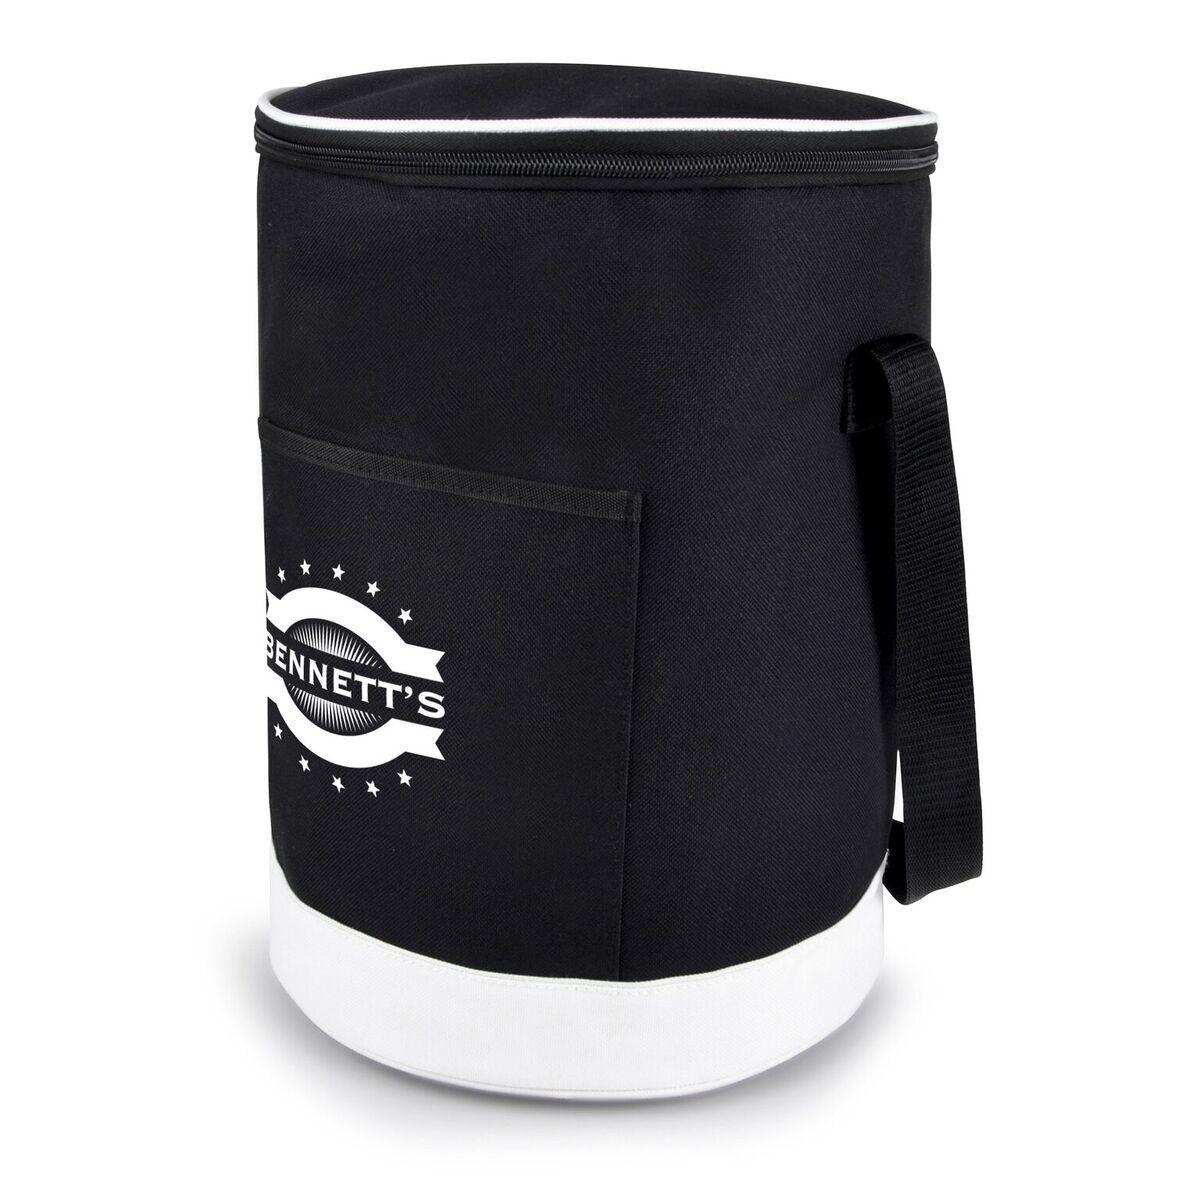 Cylinder Cooler Bag with Shoulder Strap